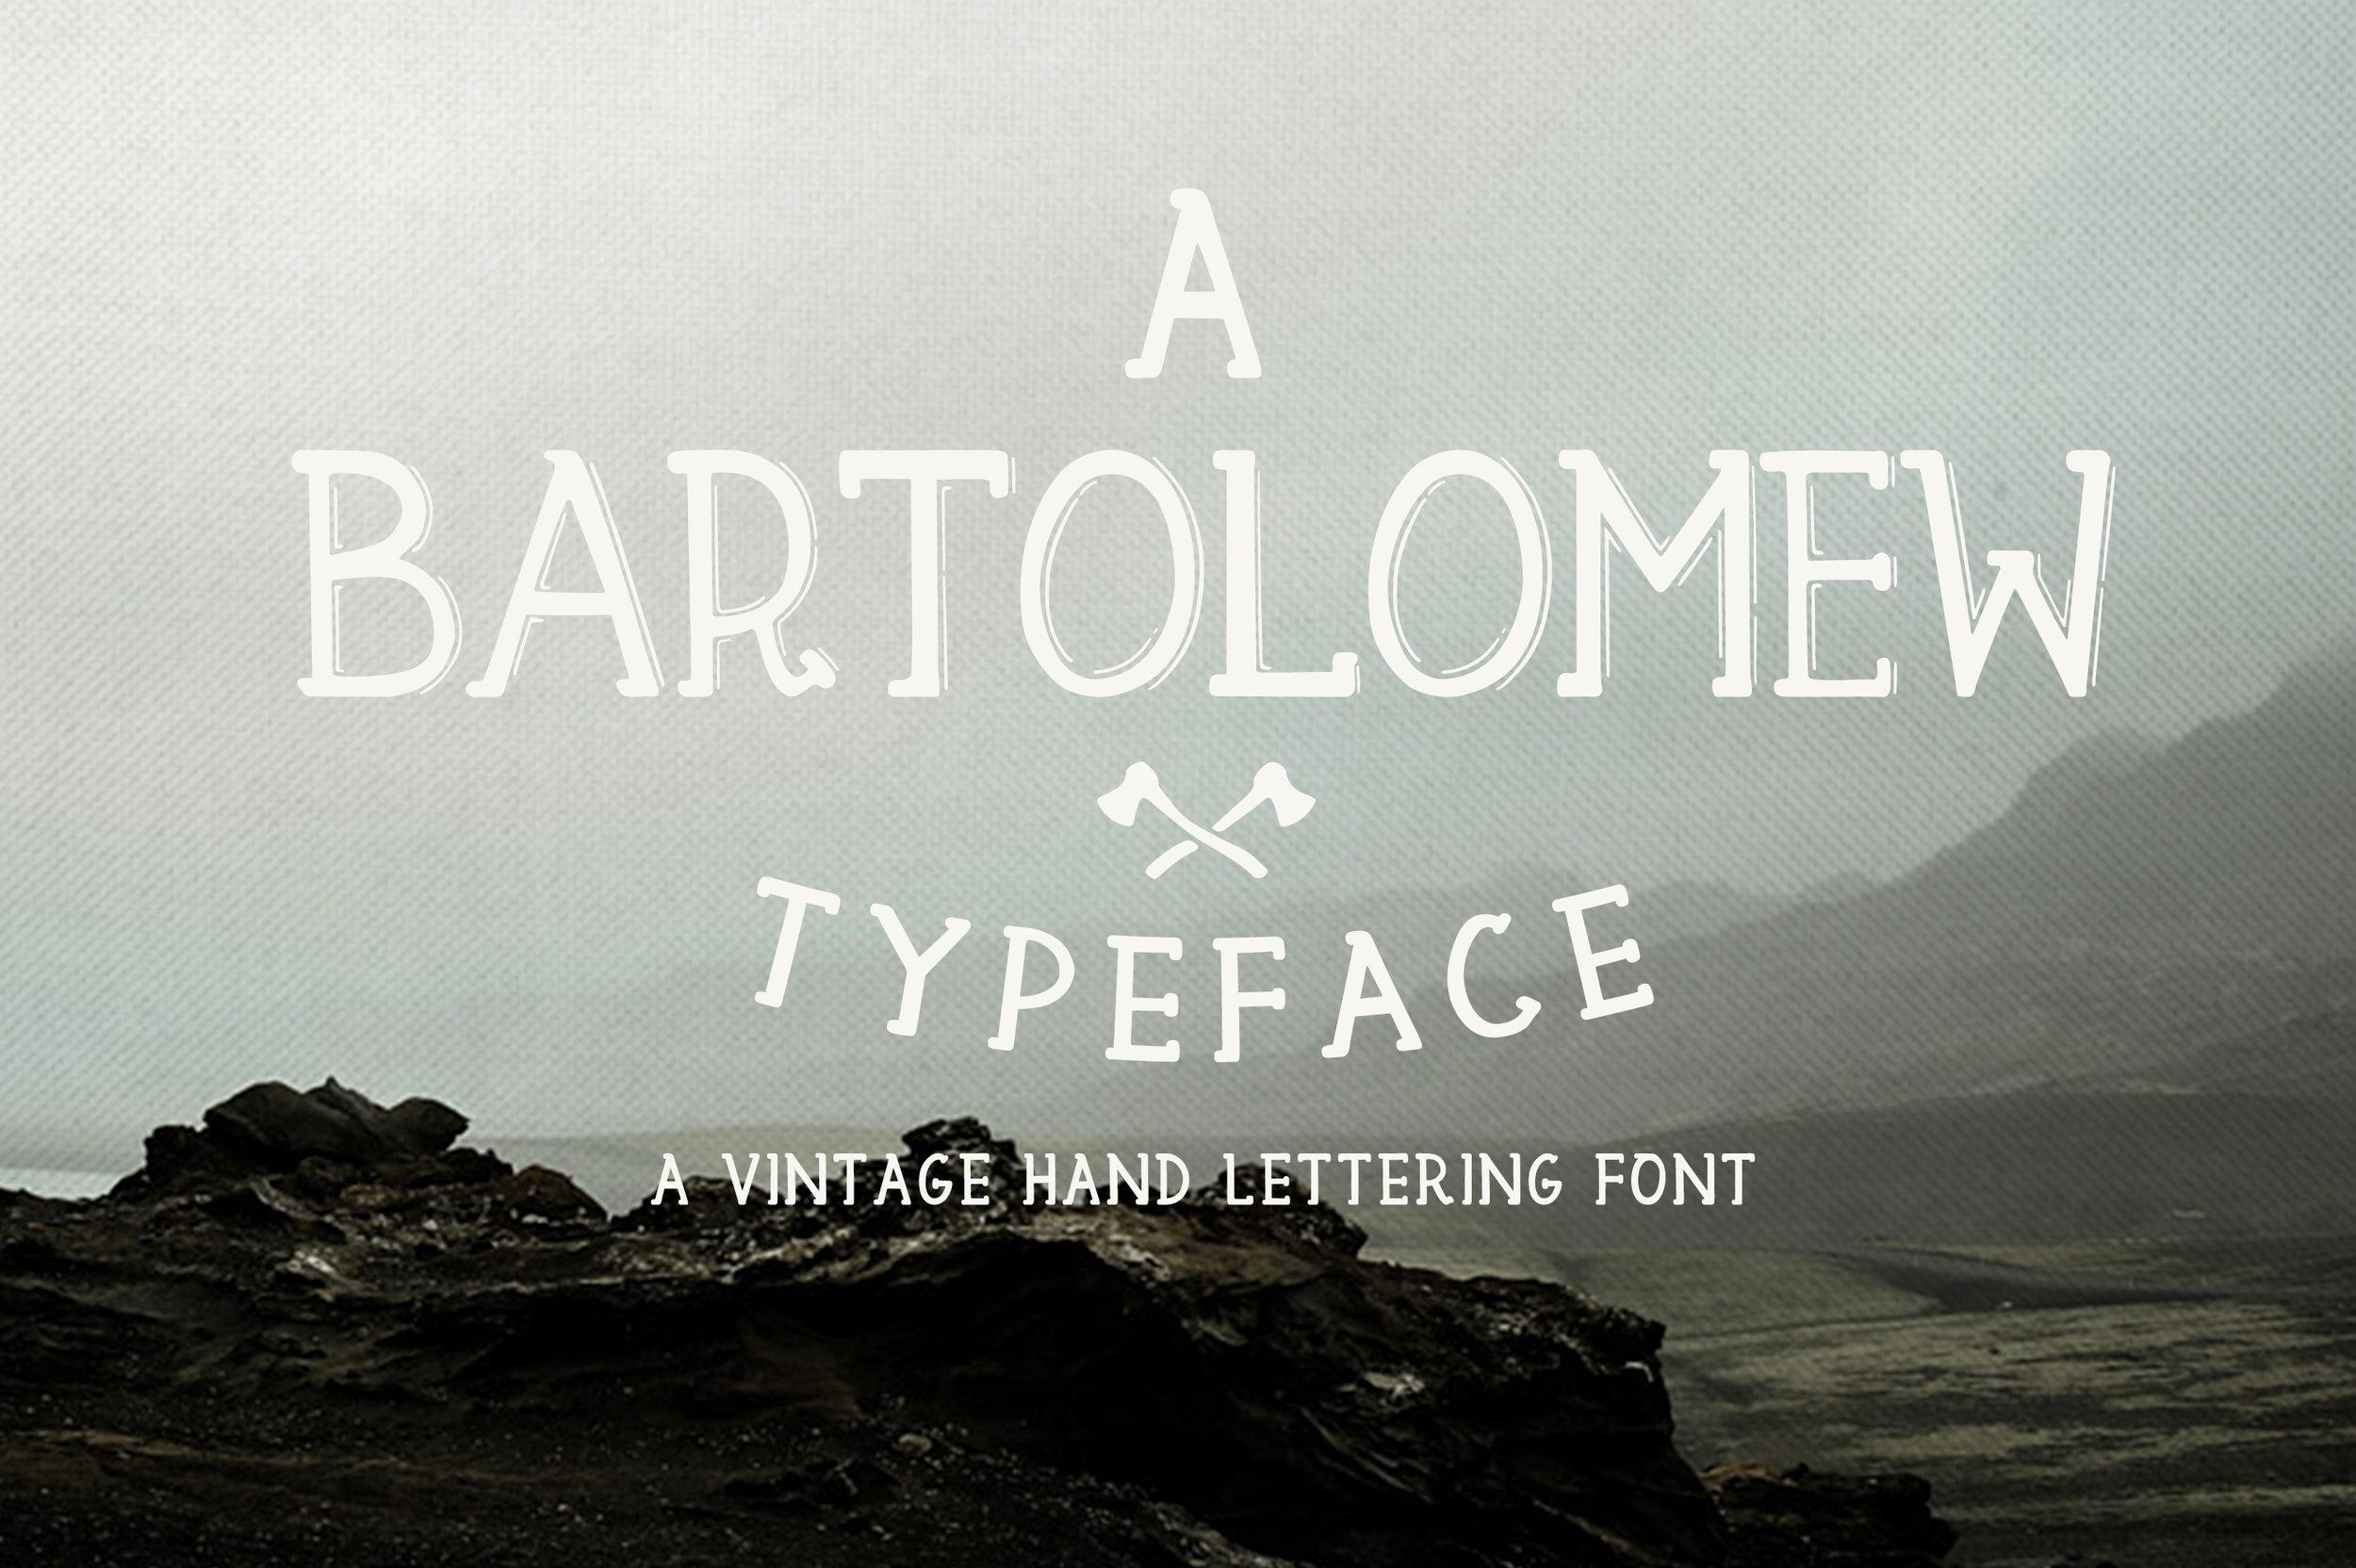 Bartolomew-Free-Vintage-Hand-Lettered-Font